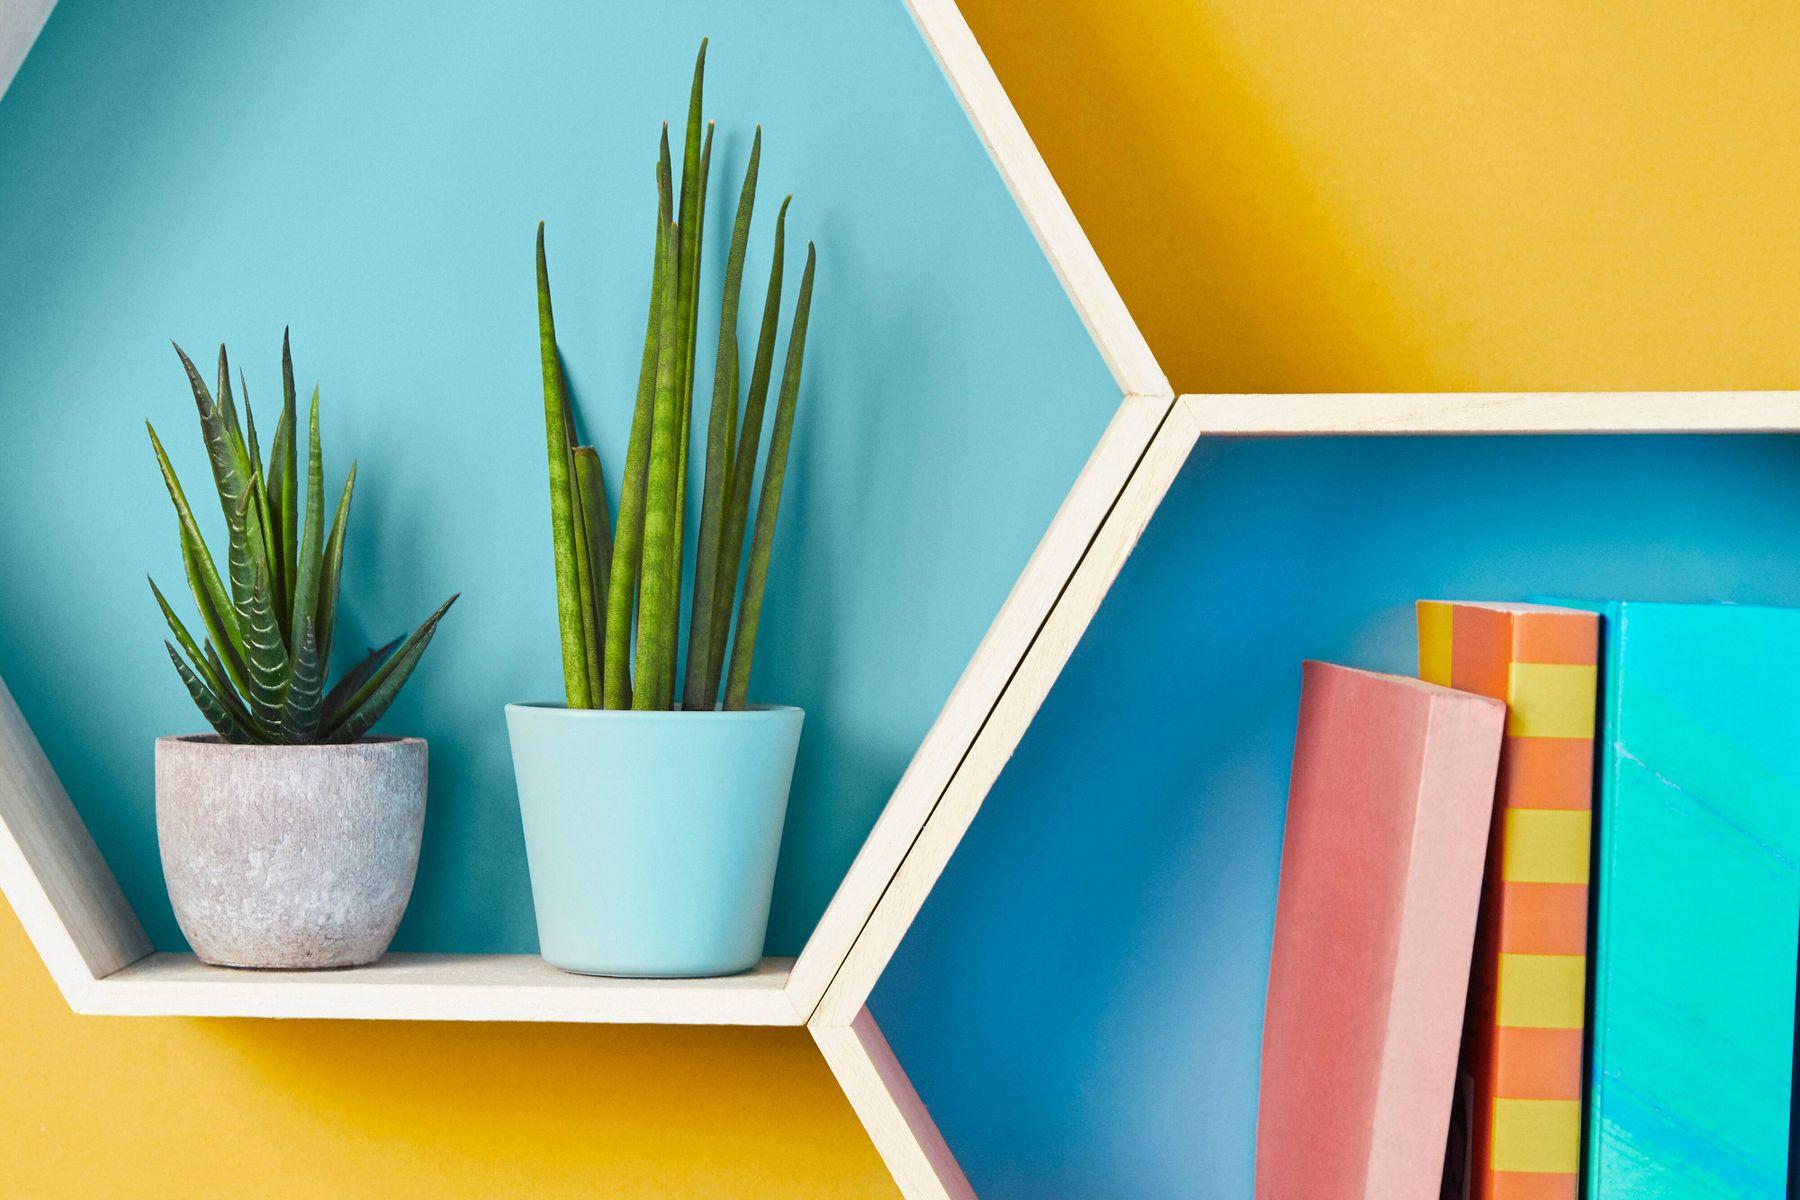 estantes hexagonales con libros y plantas en macetas